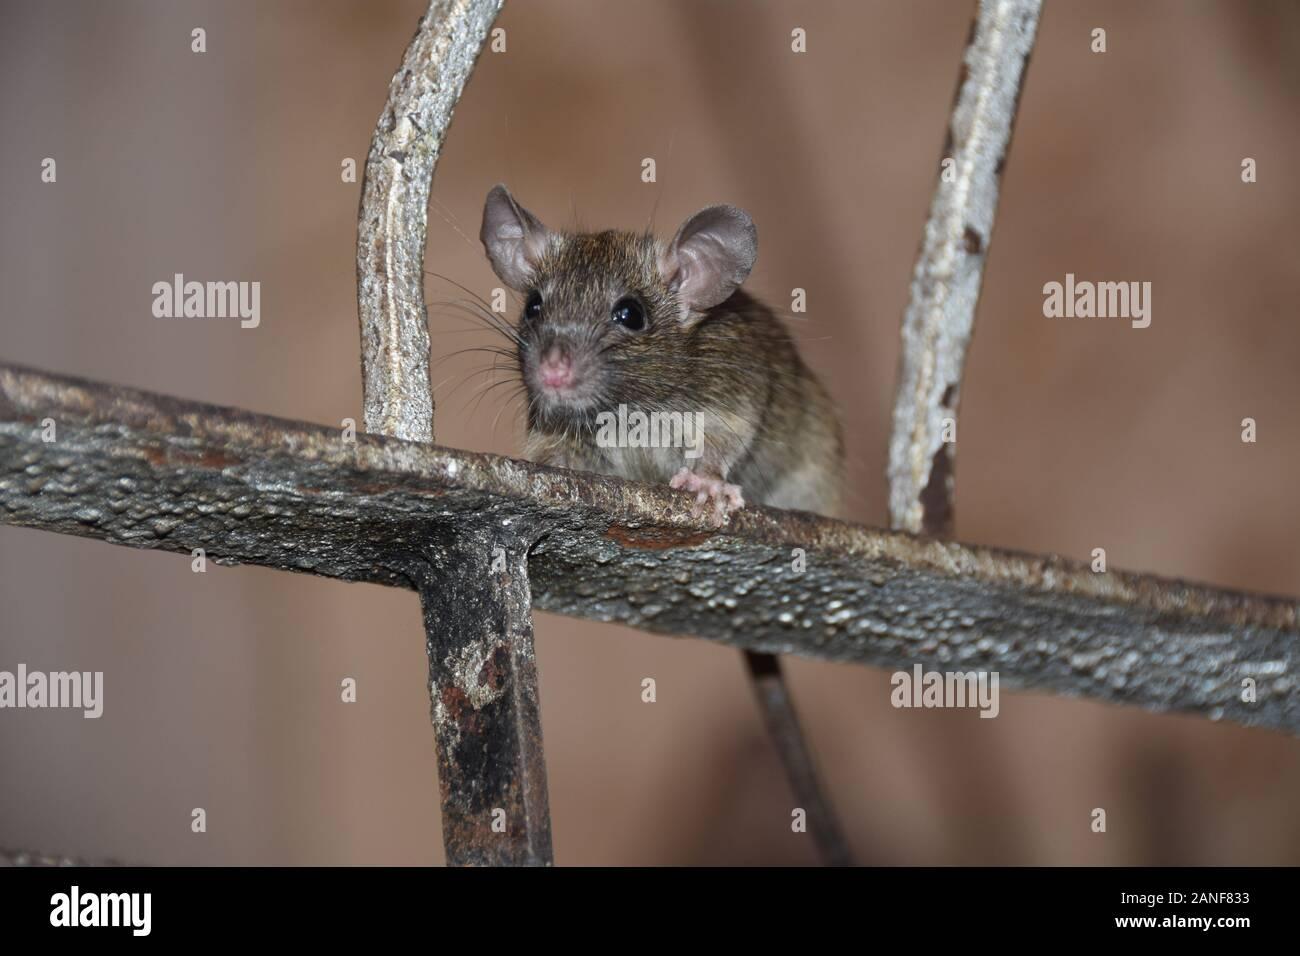 Souris Grimpe Au Mur cat rat photos & cat rat images - alamy